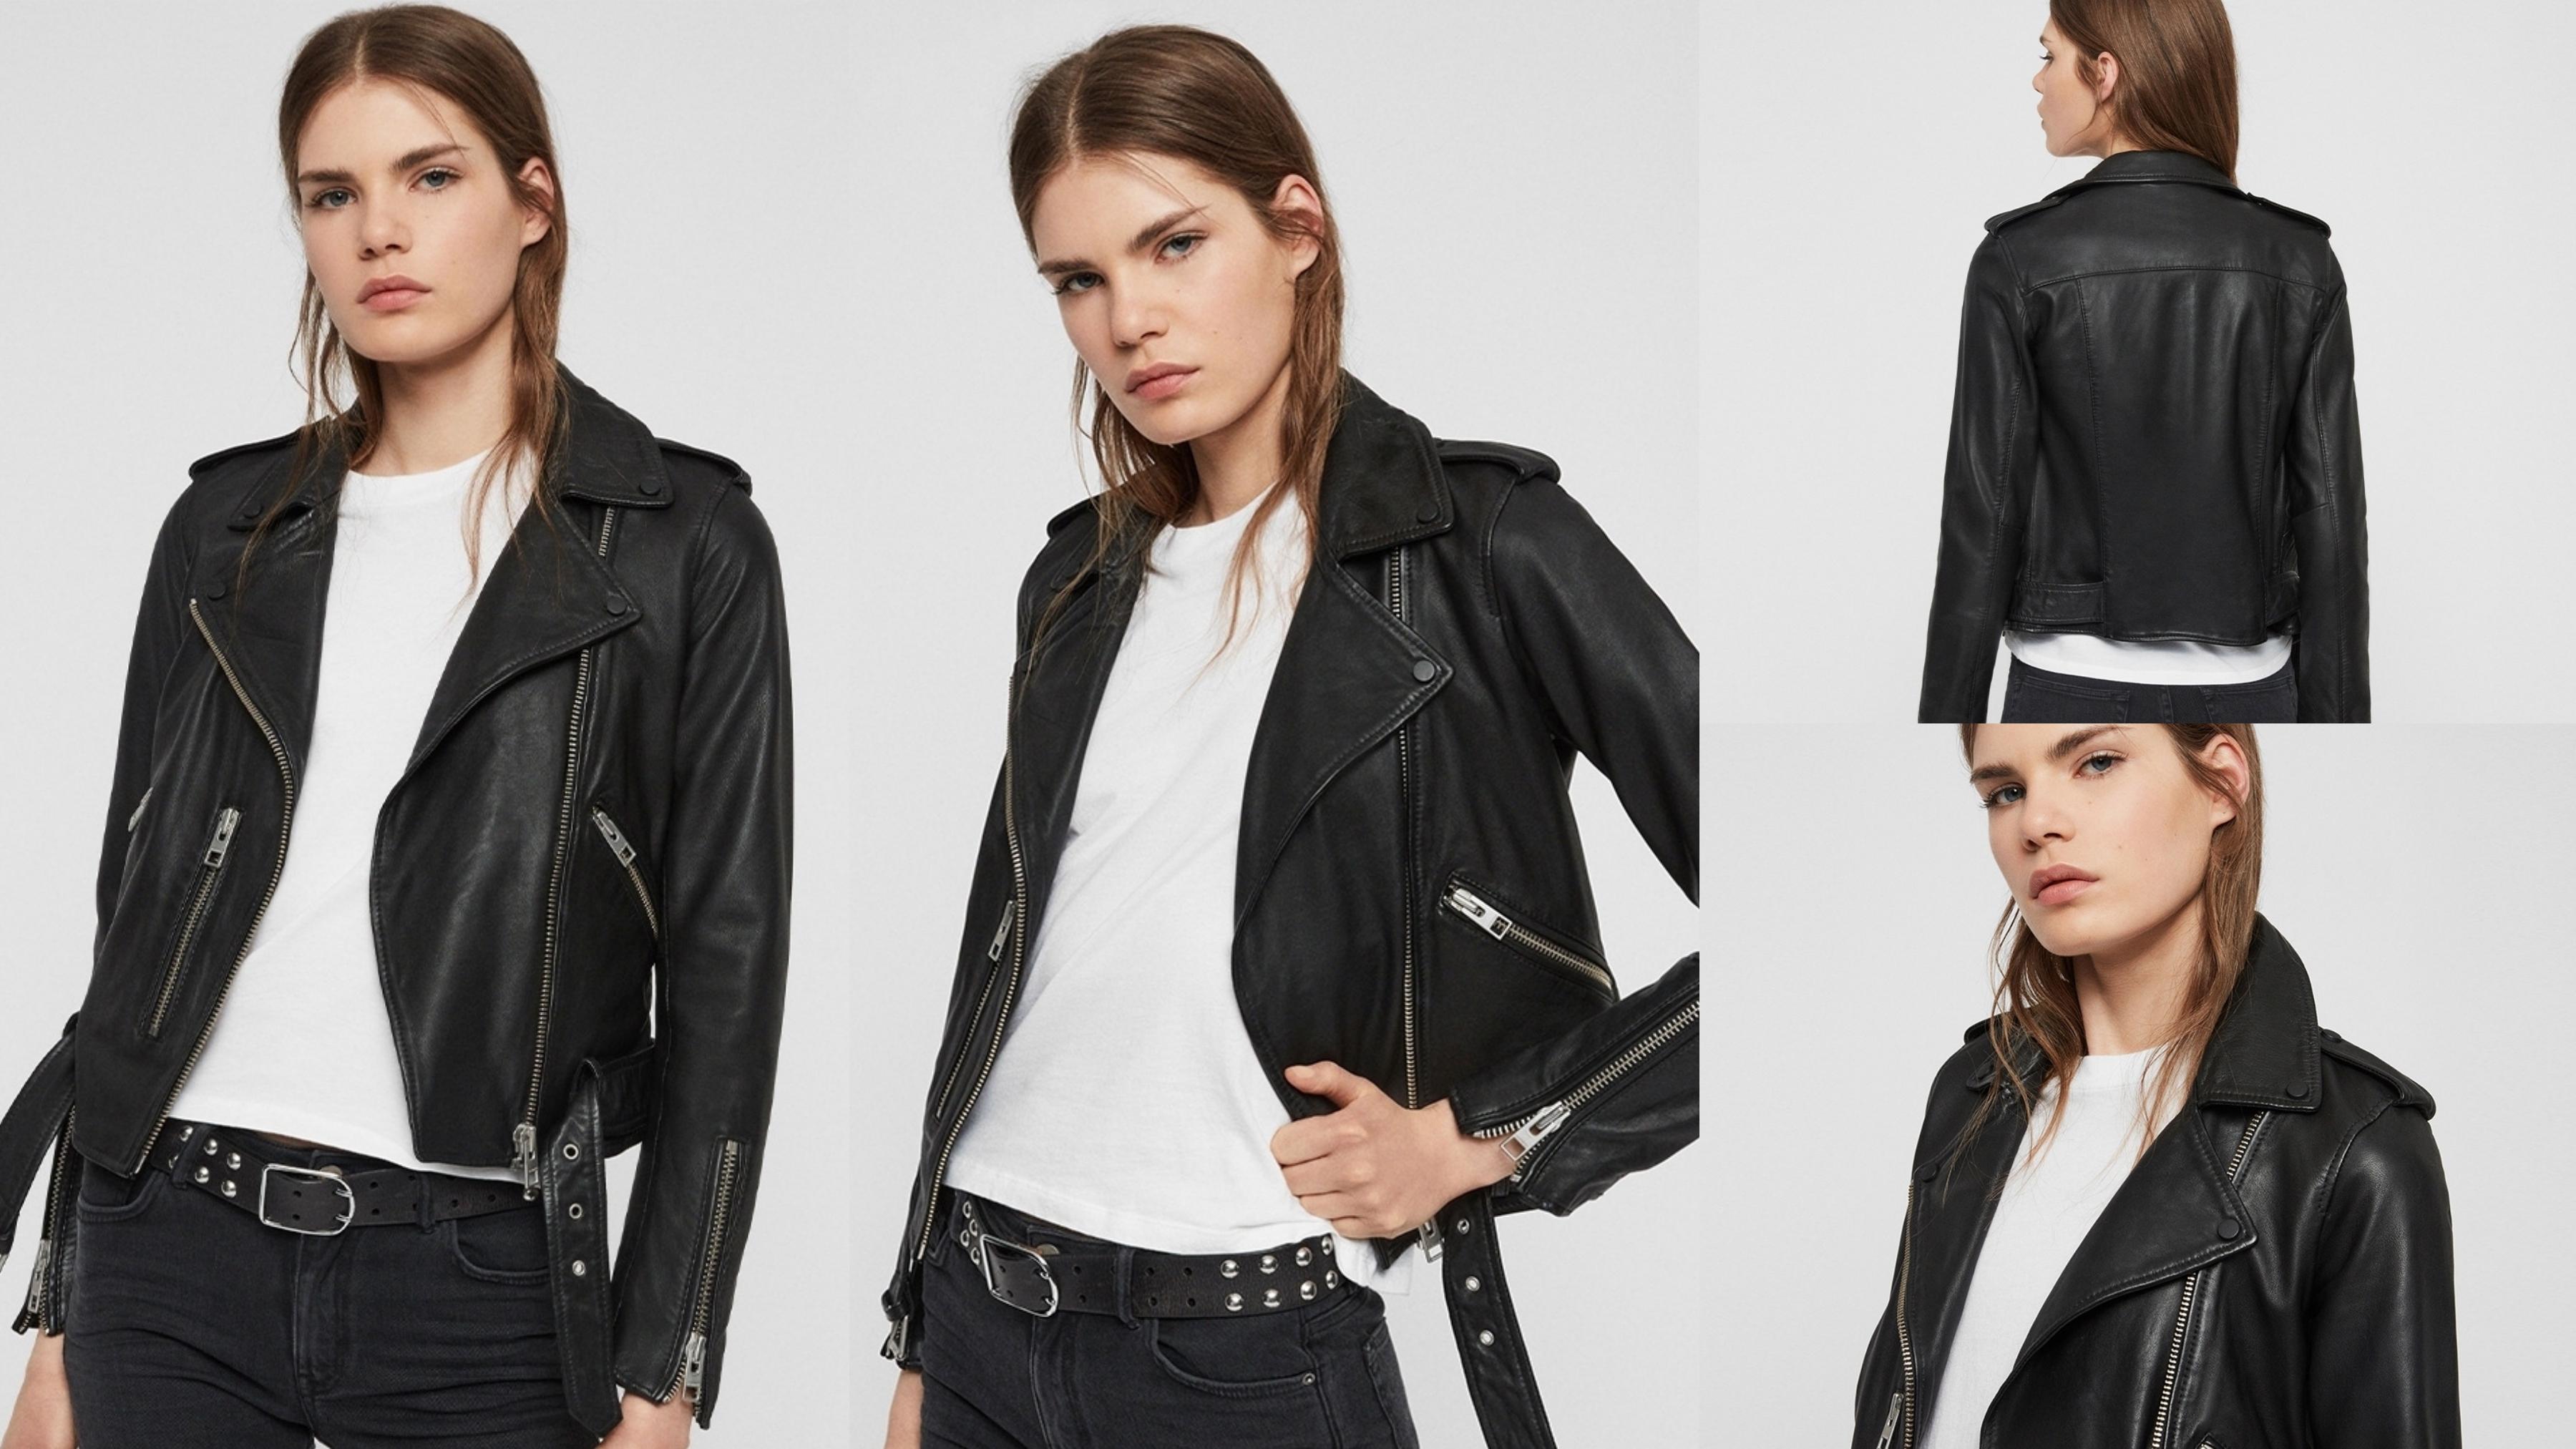 ALLSAINTS BALFERN 經典簡約短版棉羊皮騎士皮衣外套-黑 BALFERN 騎士皮衣採用柔軟的綿羊皮製成,使質感更加柔軟舒適